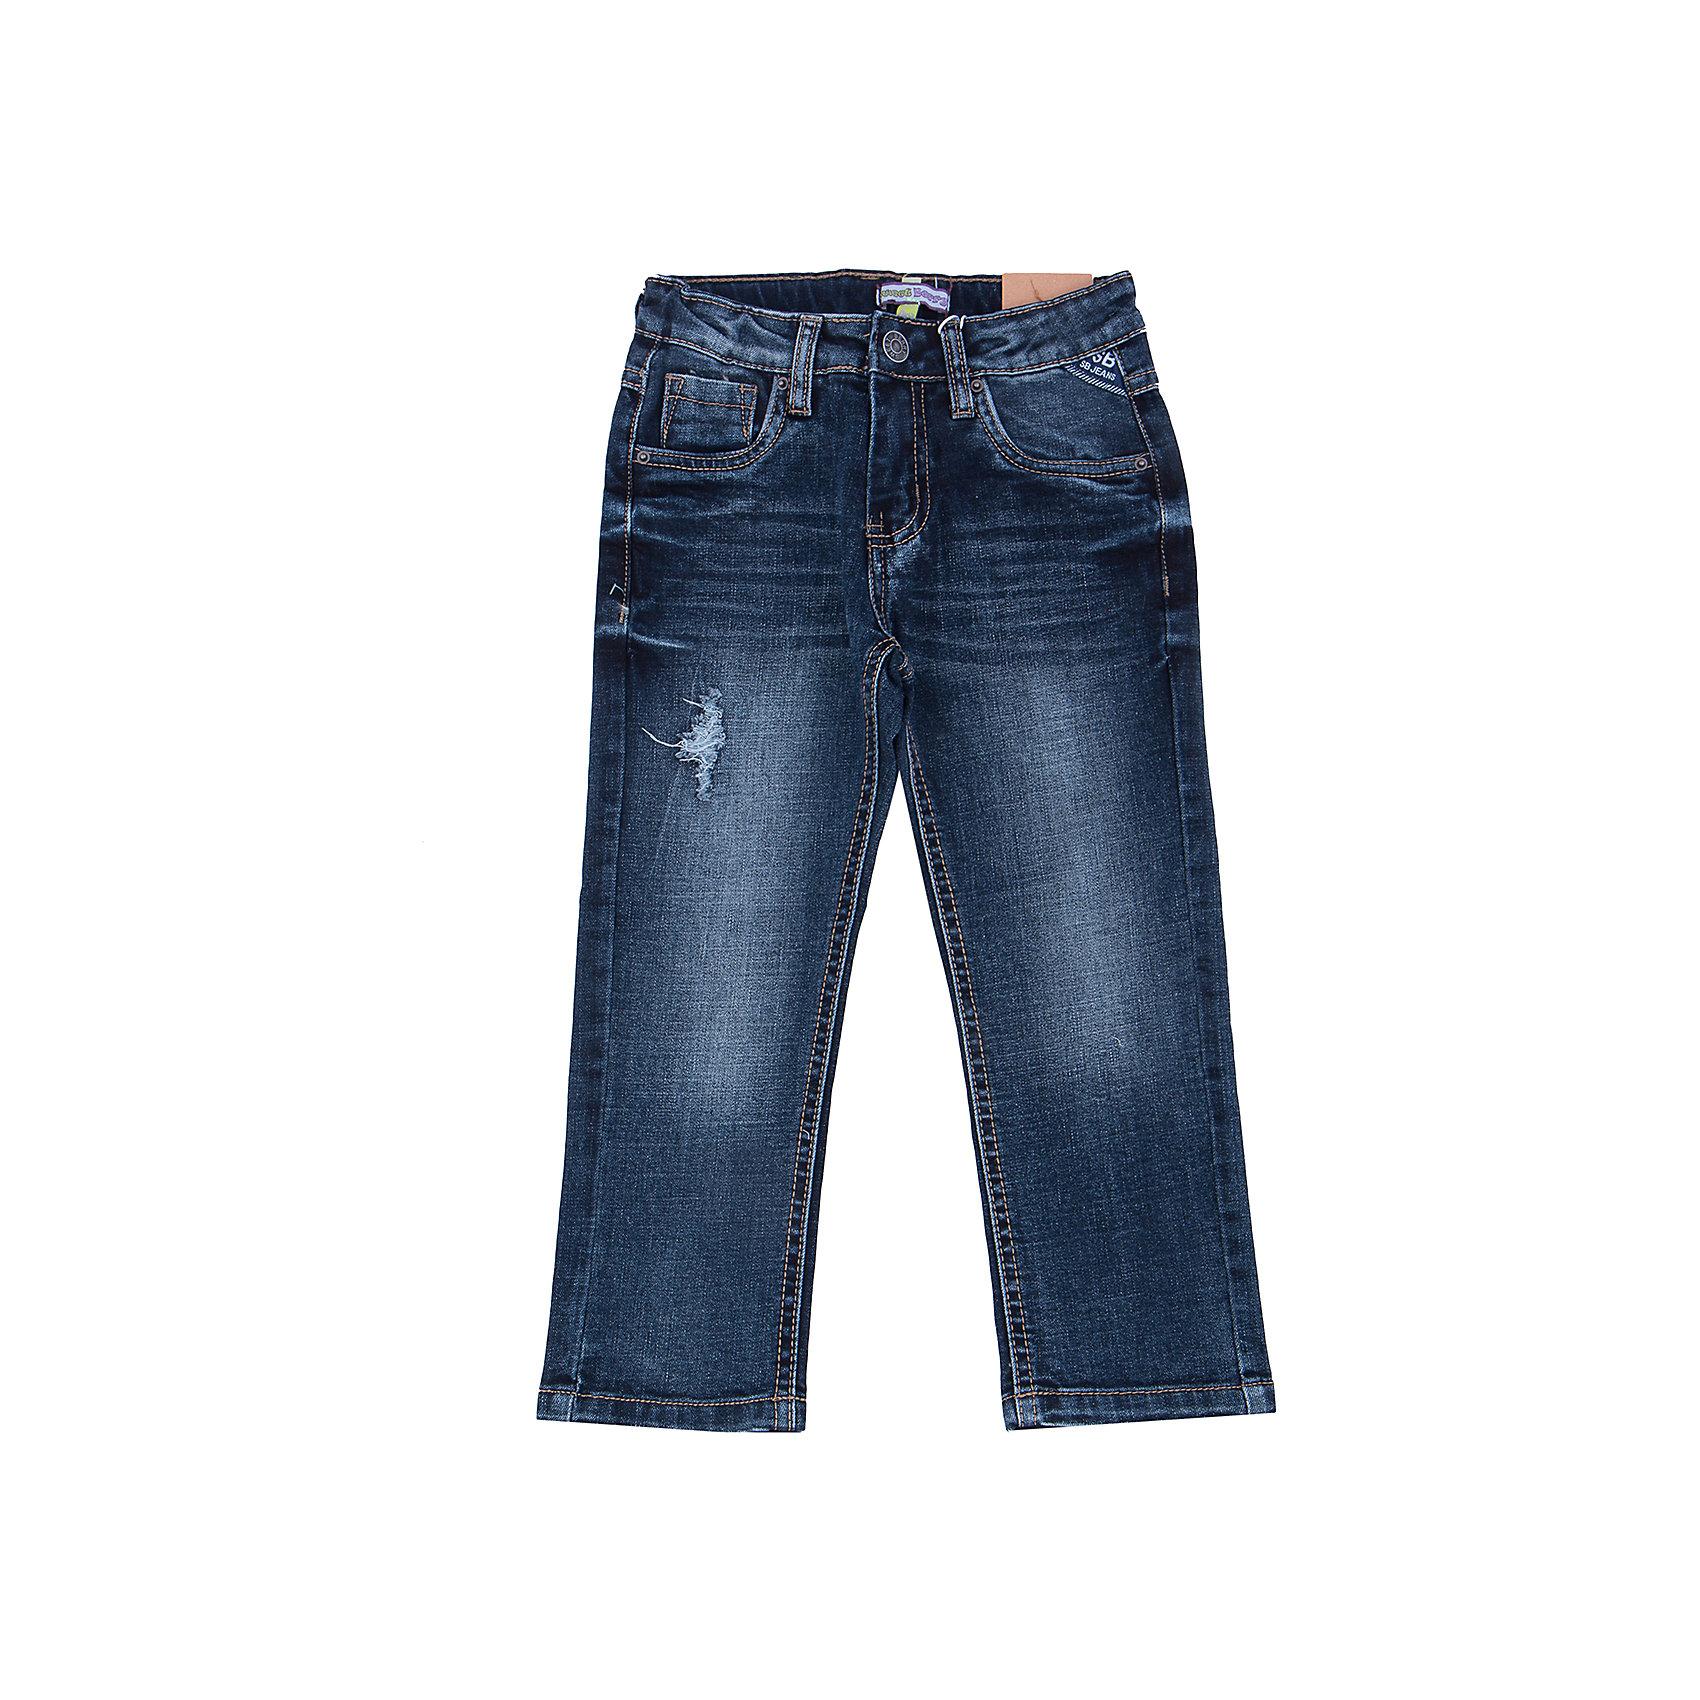 Джинсы для мальчика Sweet BerryДжинсы<br>Такая модель джинсов для мальчика отличается модным дизайном с контрастной прострочкой. Удачный крой обеспечит ребенку комфорт и тепло.Плотная ткань делает вещь идеальной для прохладной погоды. Она хорошо прилегает к телу там, где нужно, и отлично сидит по фигуре. Джинсы имеют регулировку размера на талии. Натуральный хлопок в составе ткани обеспечит коже возможность дышать и не вызовет аллергии.<br>Одежда от бренда Sweet Berry - это простой и выгодный способ одеть ребенка удобно и стильно. Всё изделия тщательно проработаны: швы - прочные, материал - качественный, фурнитура - подобранная специально для детей. <br><br>Дополнительная информация:<br><br>цвет: синий;<br>имитация потертостей;<br>материал: 98% хлопок, 2% эластан;<br>внутри на поясе - регулировка размера.<br><br>Джинсы для мальчика от бренда Sweet Berry можно купить в нашем интернет-магазине.<br><br>Ширина мм: 215<br>Глубина мм: 88<br>Высота мм: 191<br>Вес г: 336<br>Цвет: синий<br>Возраст от месяцев: 24<br>Возраст до месяцев: 36<br>Пол: Мужской<br>Возраст: Детский<br>Размер: 98,104,110,116,122,128<br>SKU: 4930494